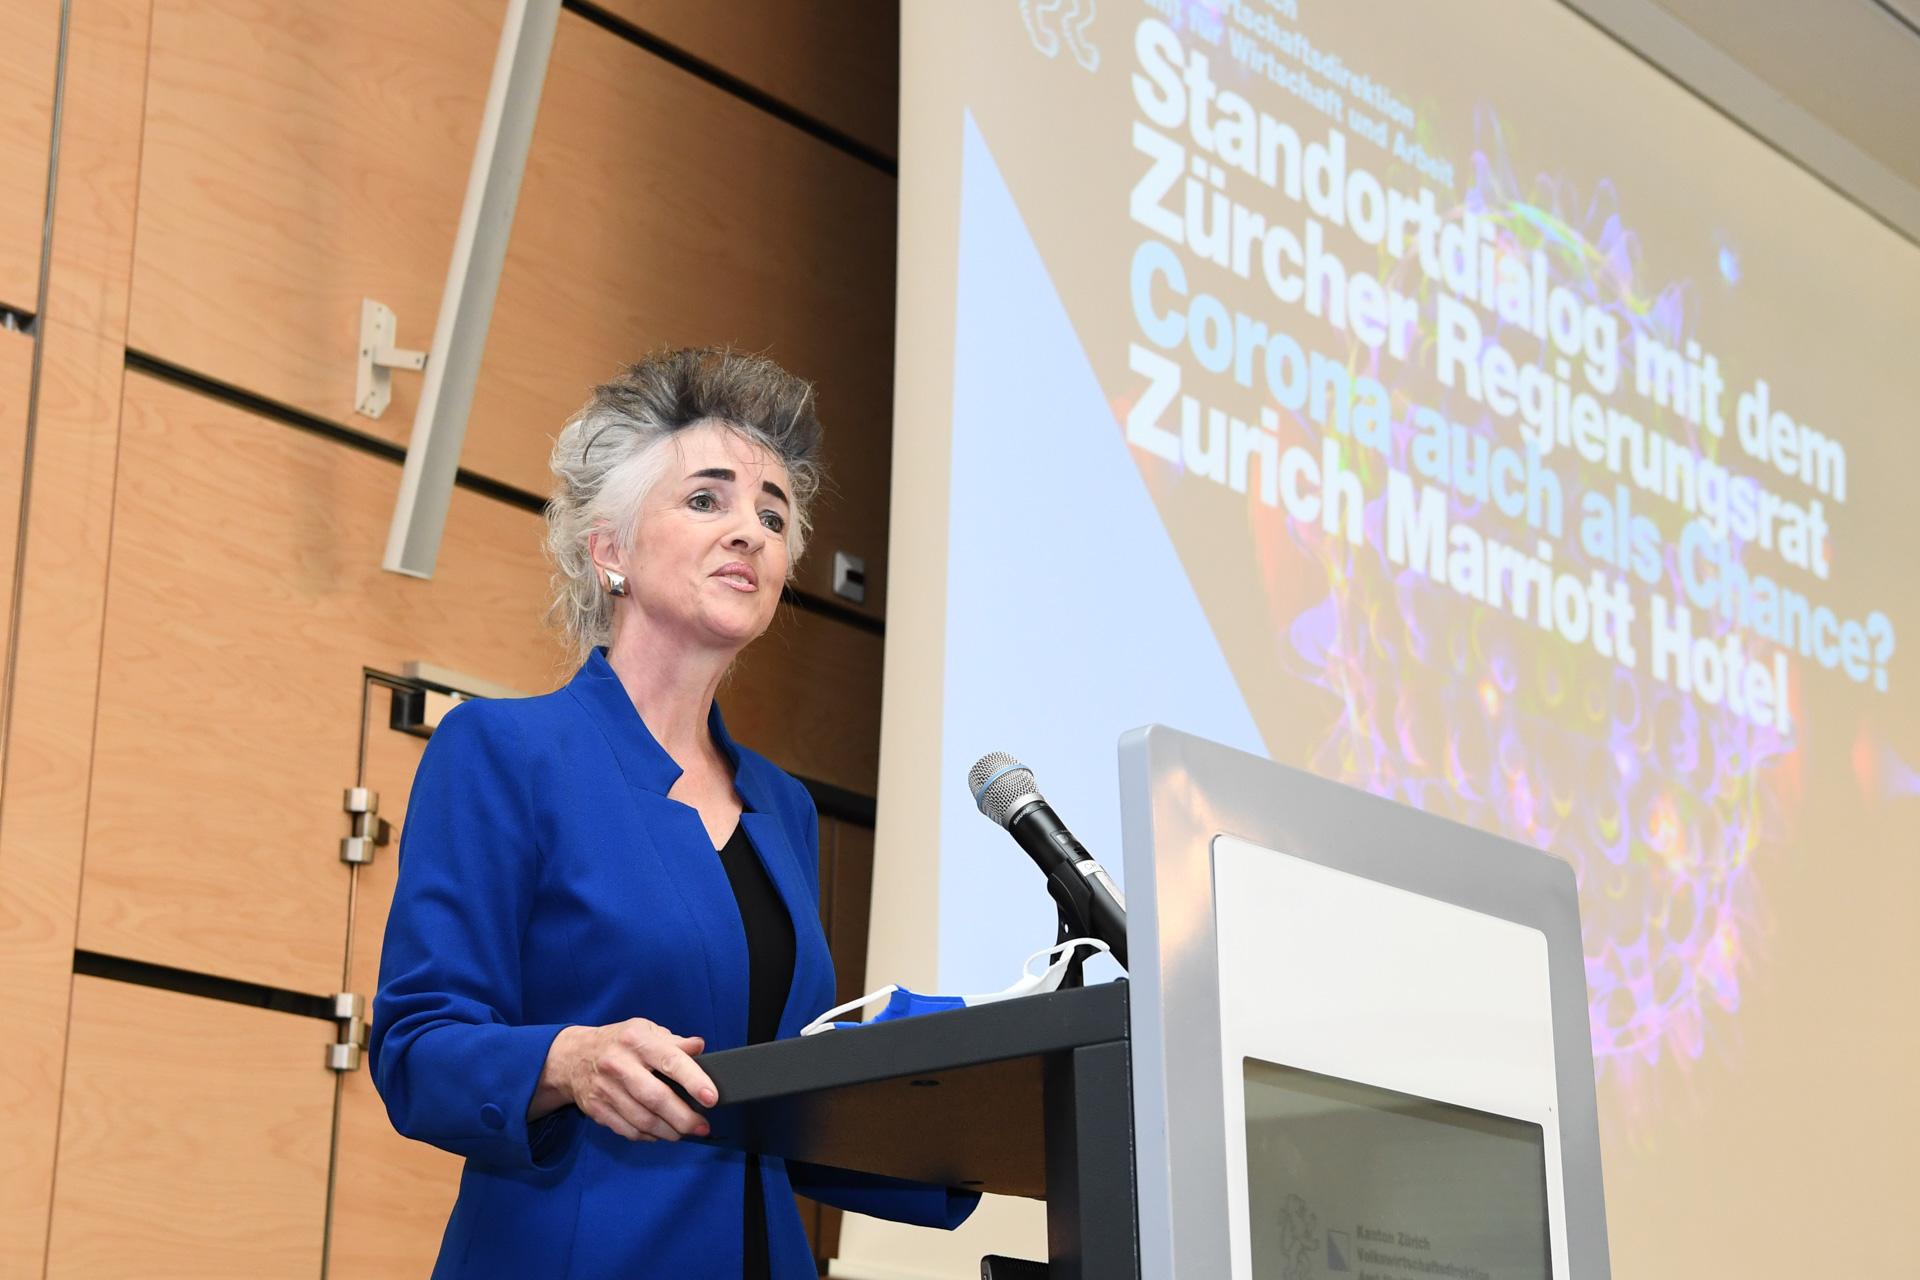 Bild: Andreas Bucher; Vortrag von Regierugnsrätin Carmen Walker Späh am Standortdialog